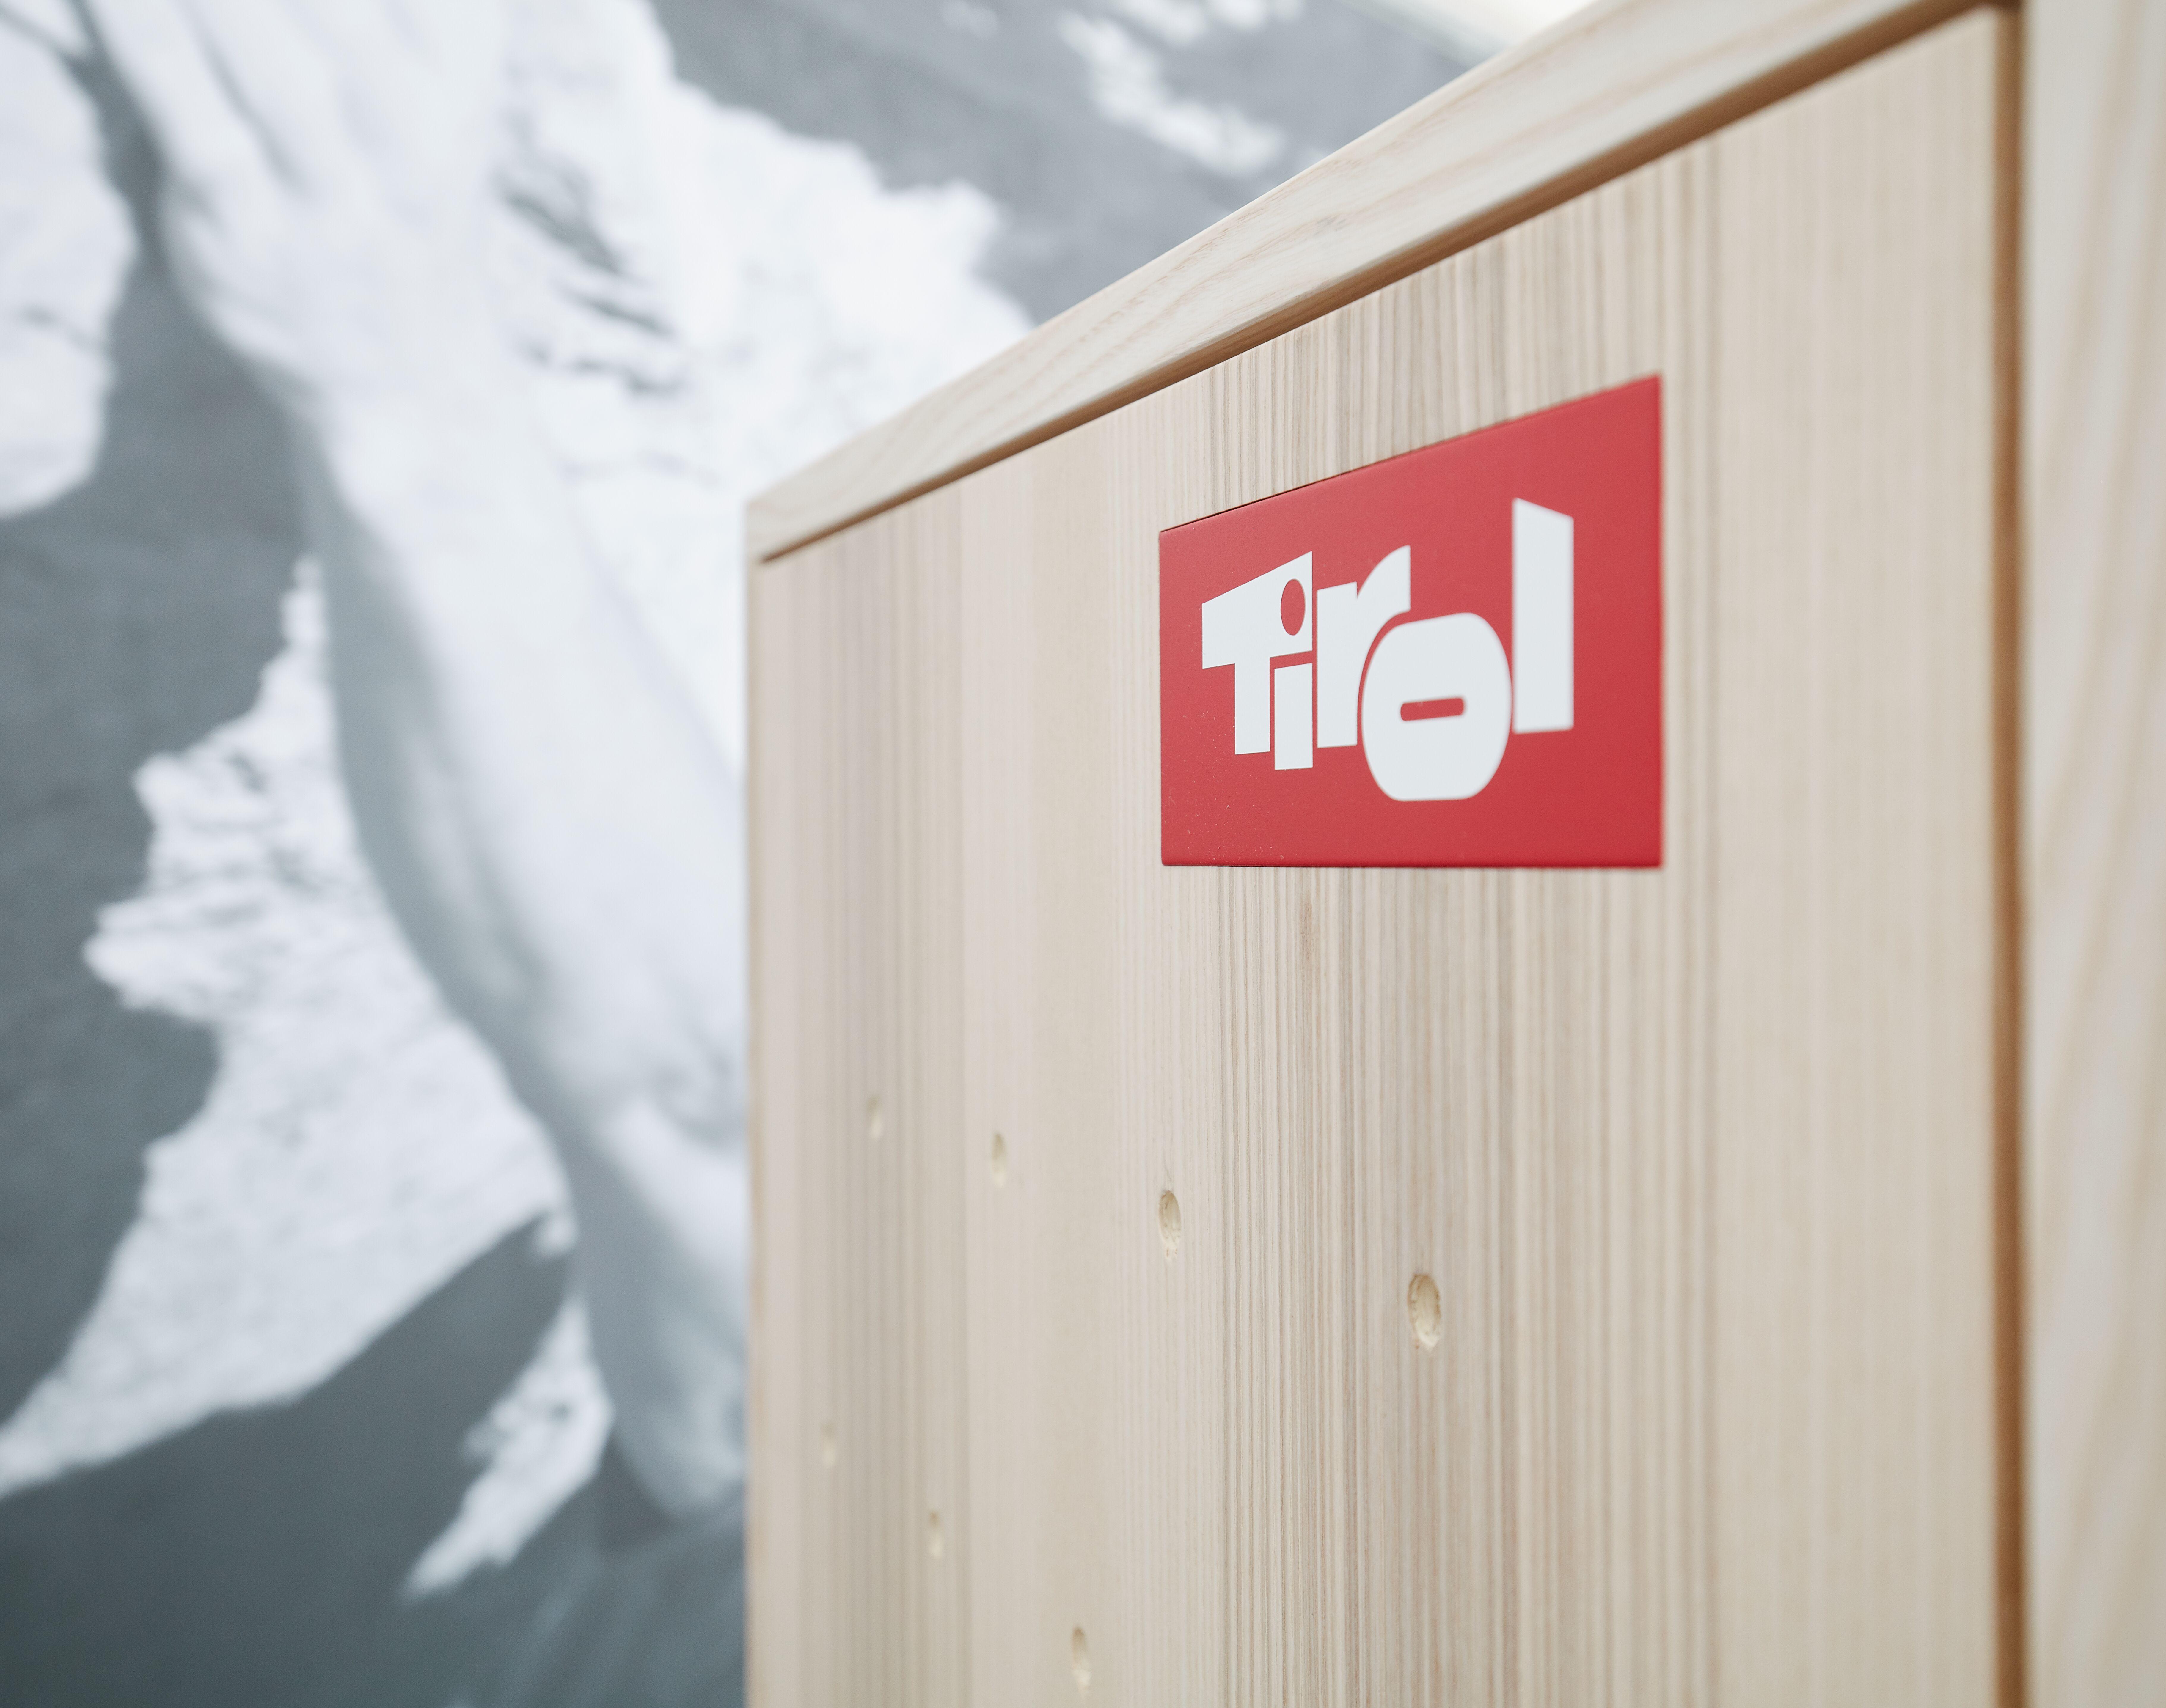 Holzwand mit Tirol-Logo